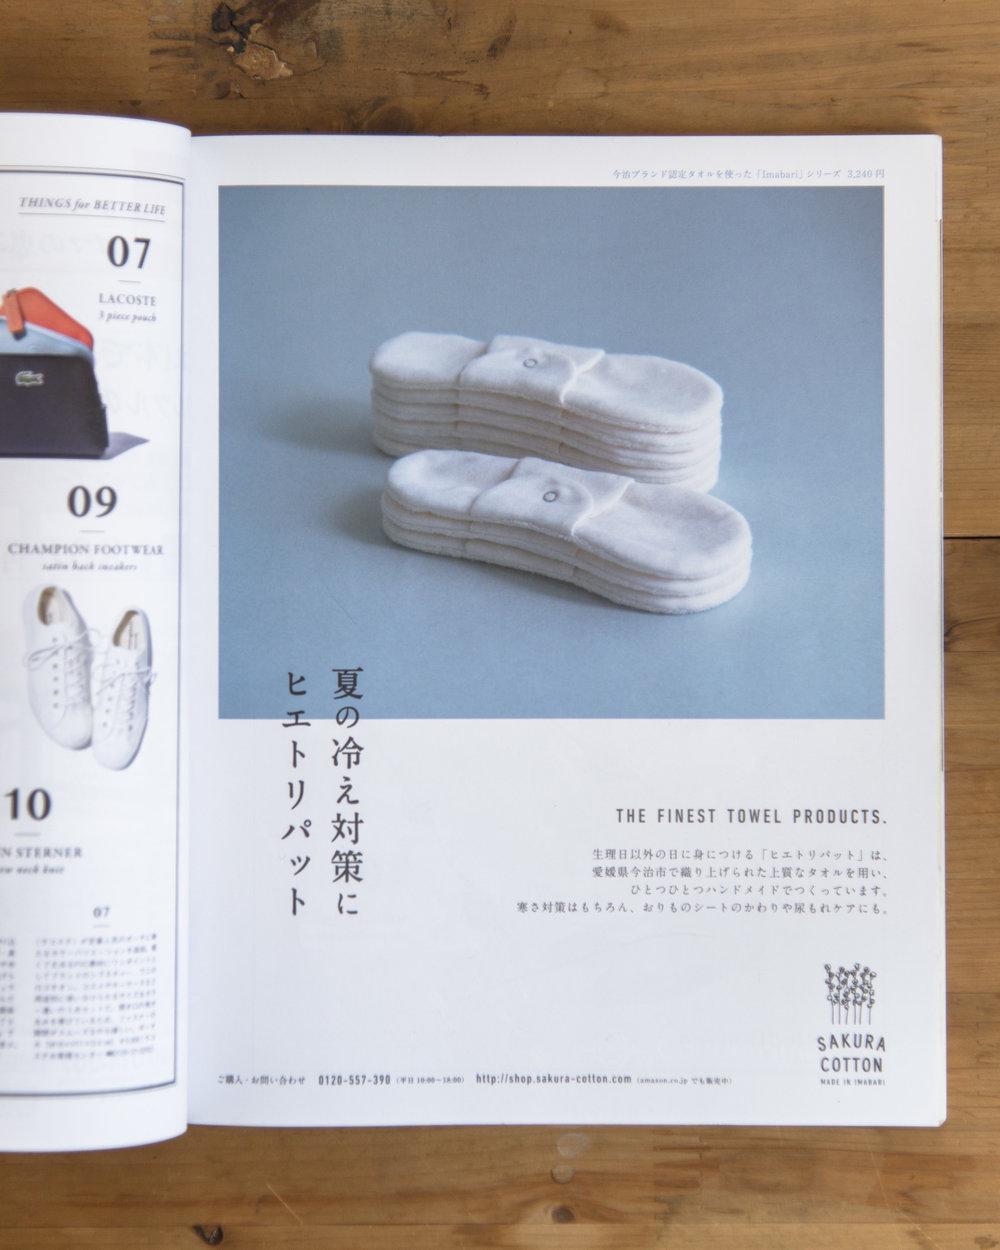 さくらコットン/ Ad